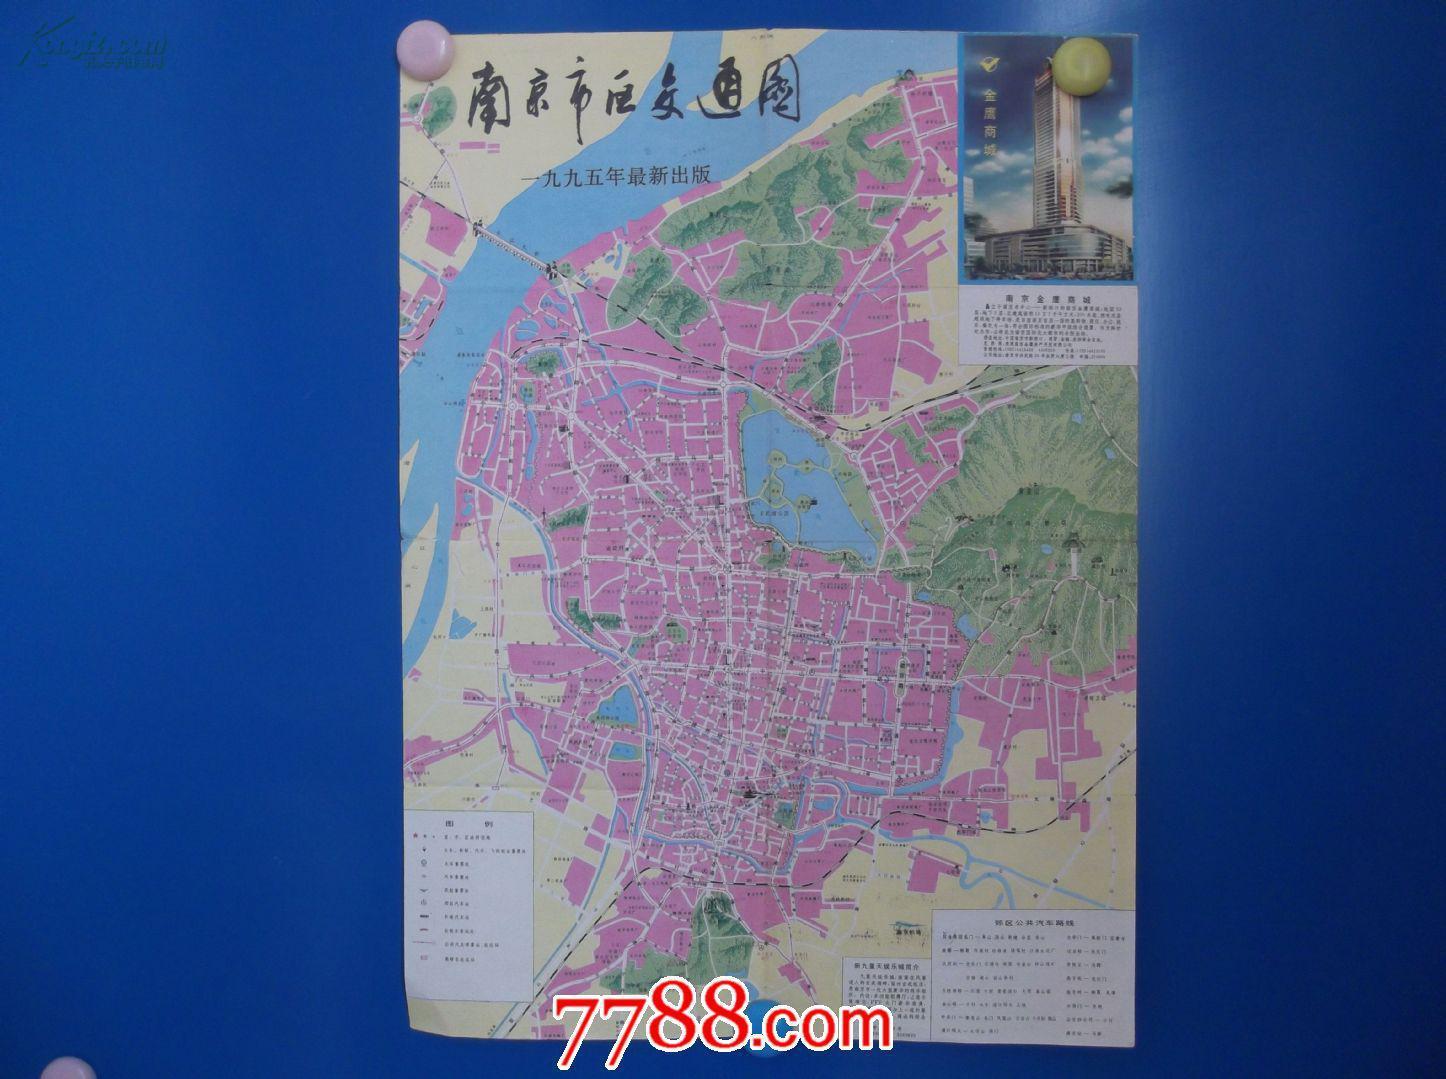 【图】南京旅游图-四开地图图片